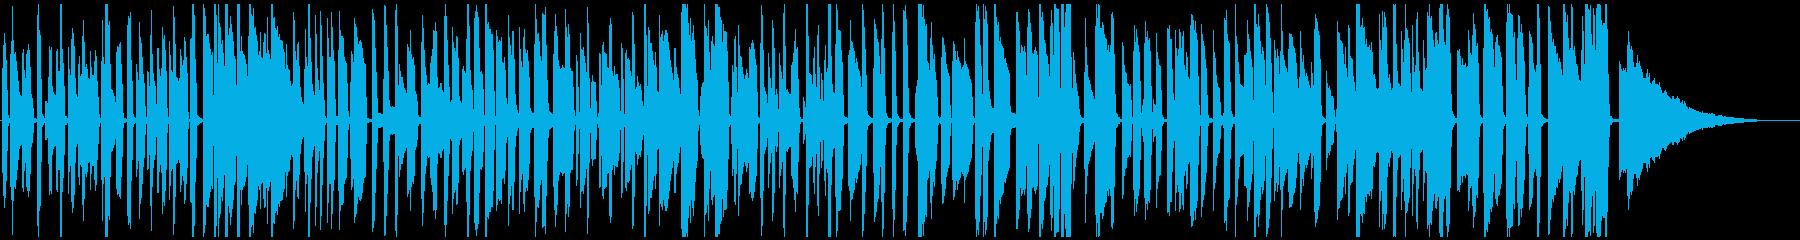 おしゃれピアノジャズ楽しい料理等(ソロ)の再生済みの波形